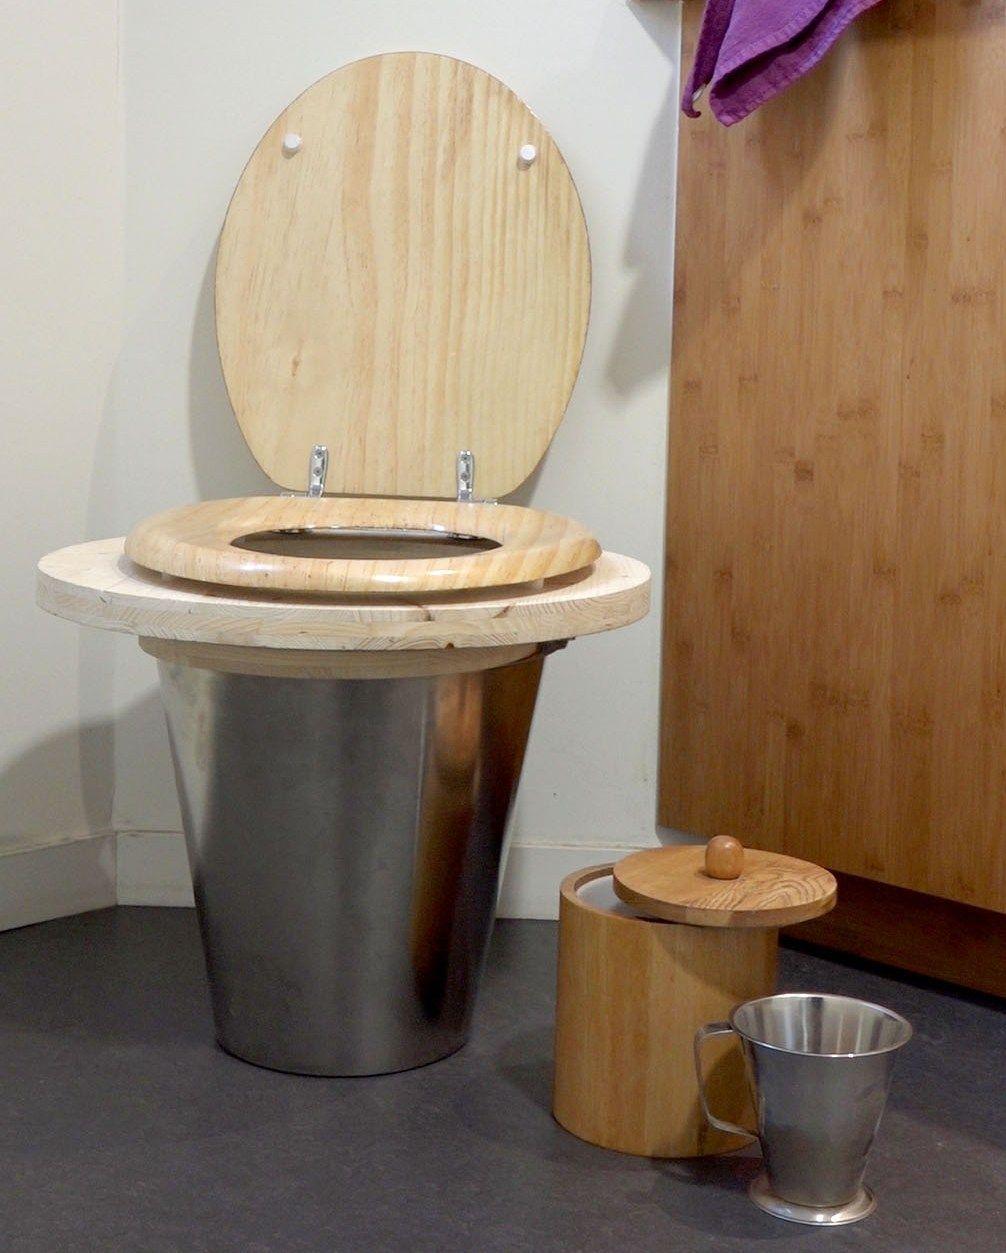 Meuble Salle De Bain Haut De Gamme ~ Toilettes S Ches Familiales E5 Toilette Seche137 Vwf Jpg Salle